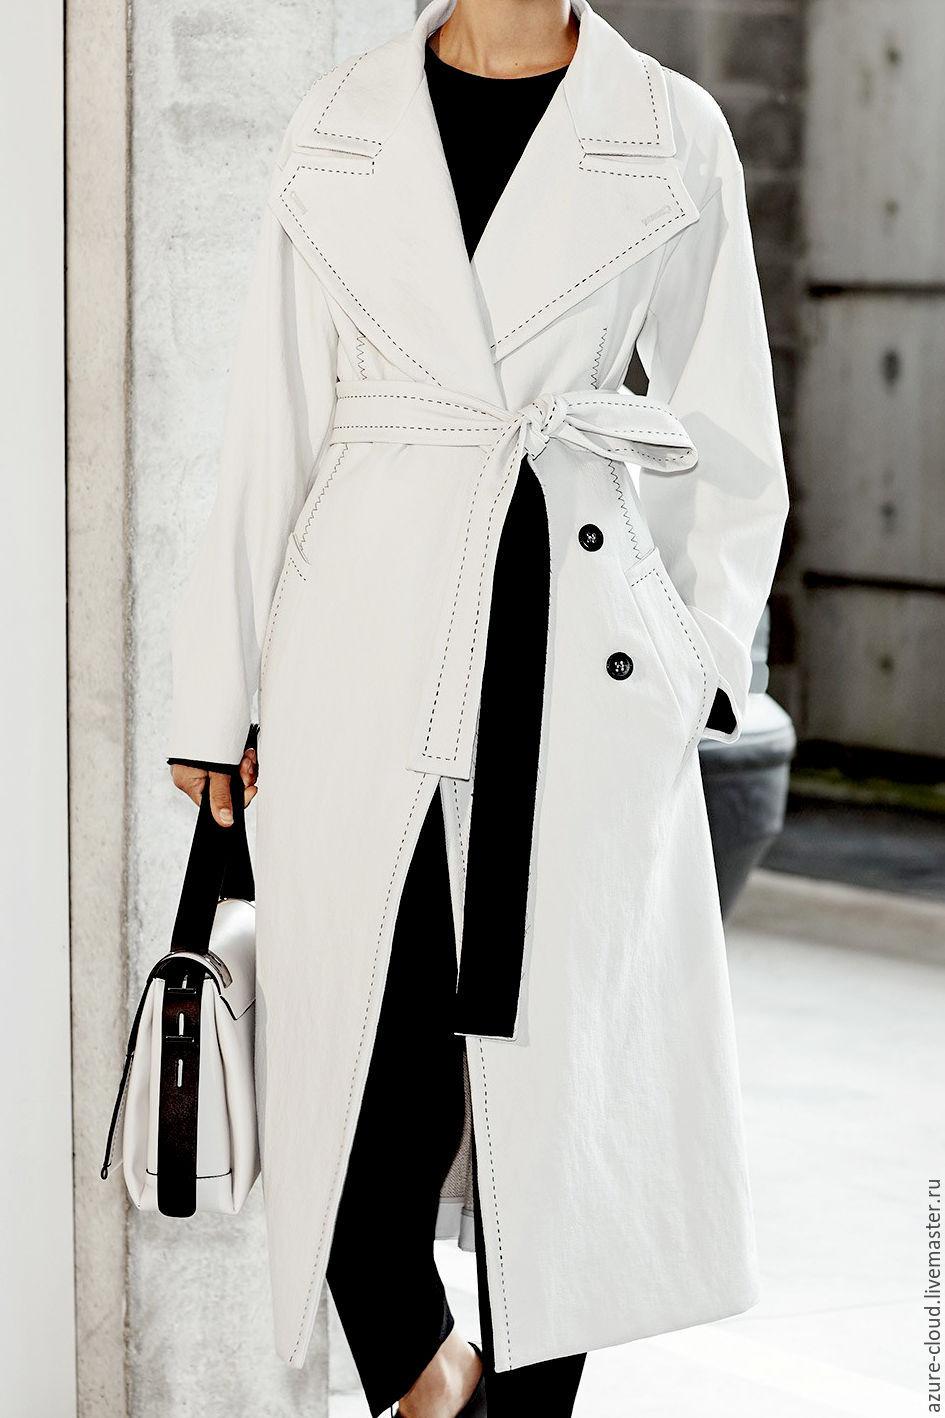 83ce73e4656 Верхняя одежда ручной работы. Ярмарка Мастеров - ручная работа. Купить  Белое пальто с ручной ...